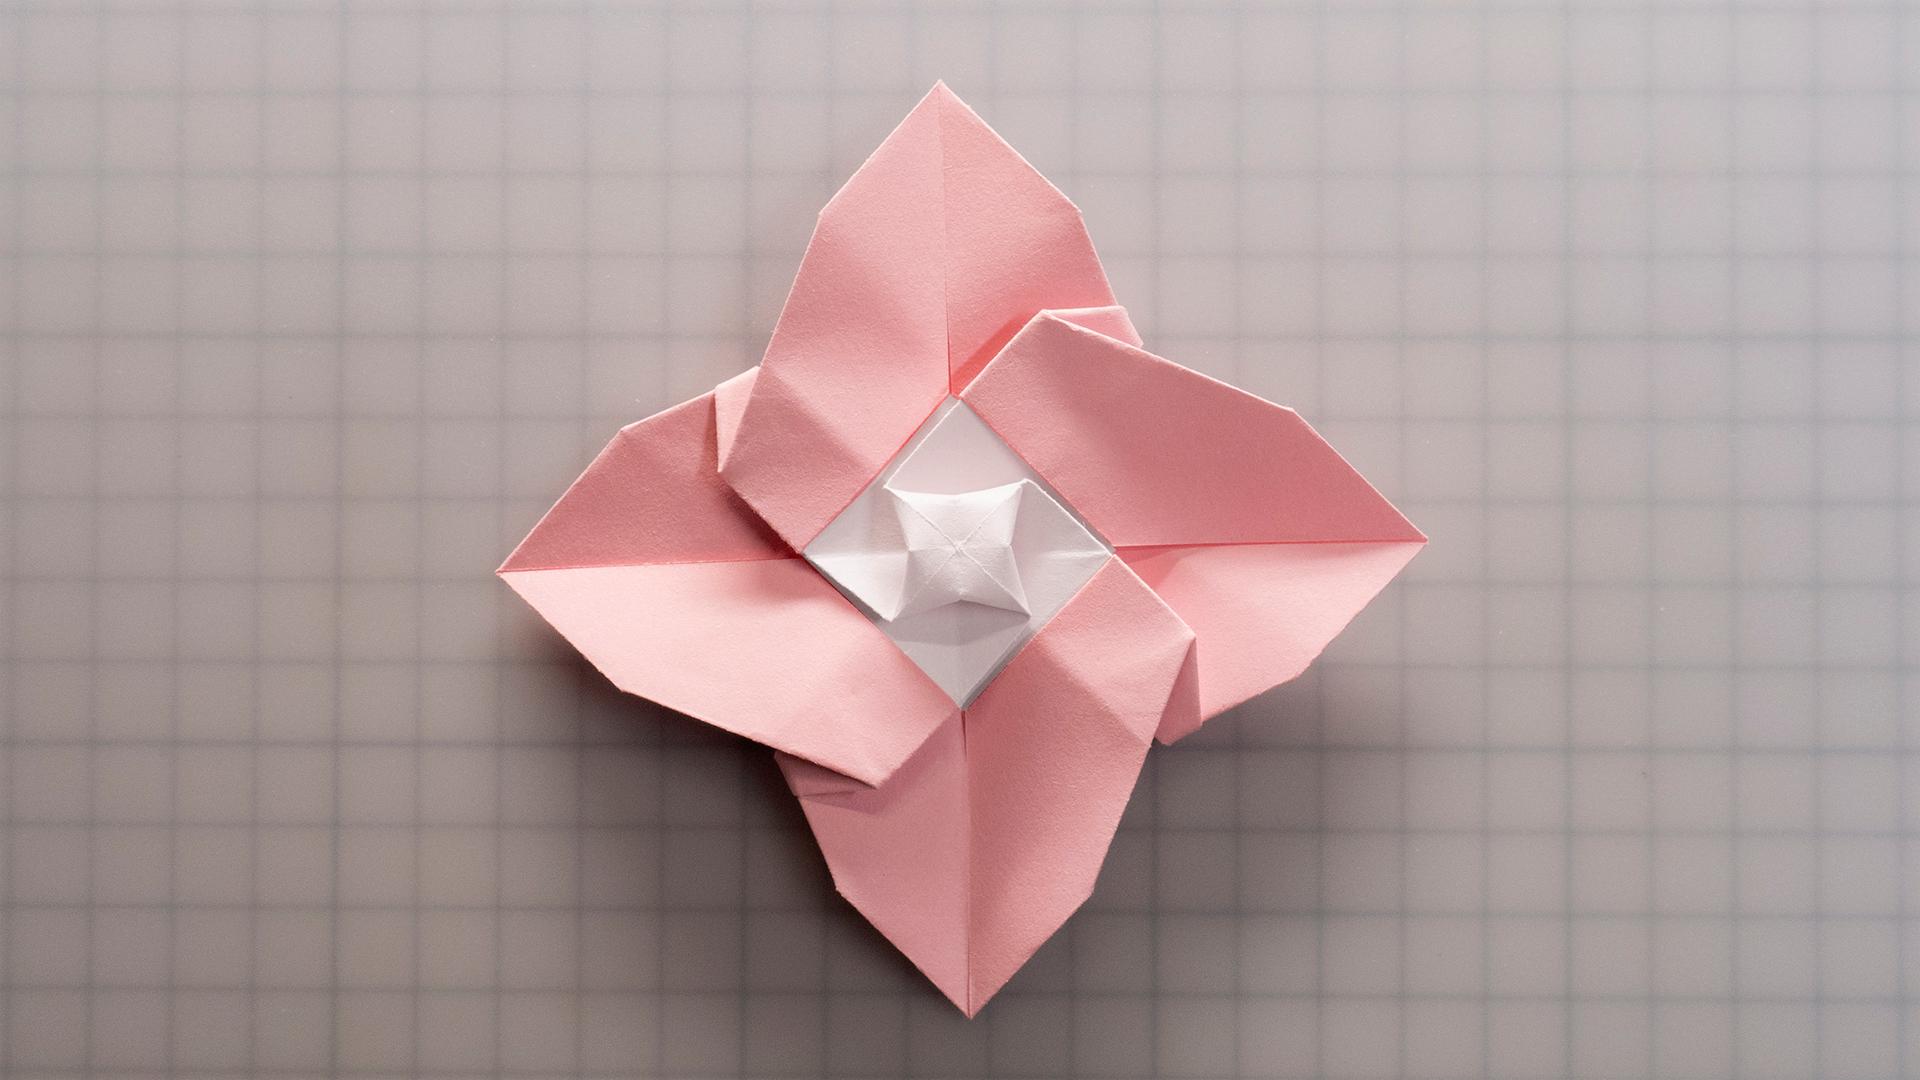 【折纸】仅凭一个玫瑰基本型,也能整出花儿来,折个水仙花